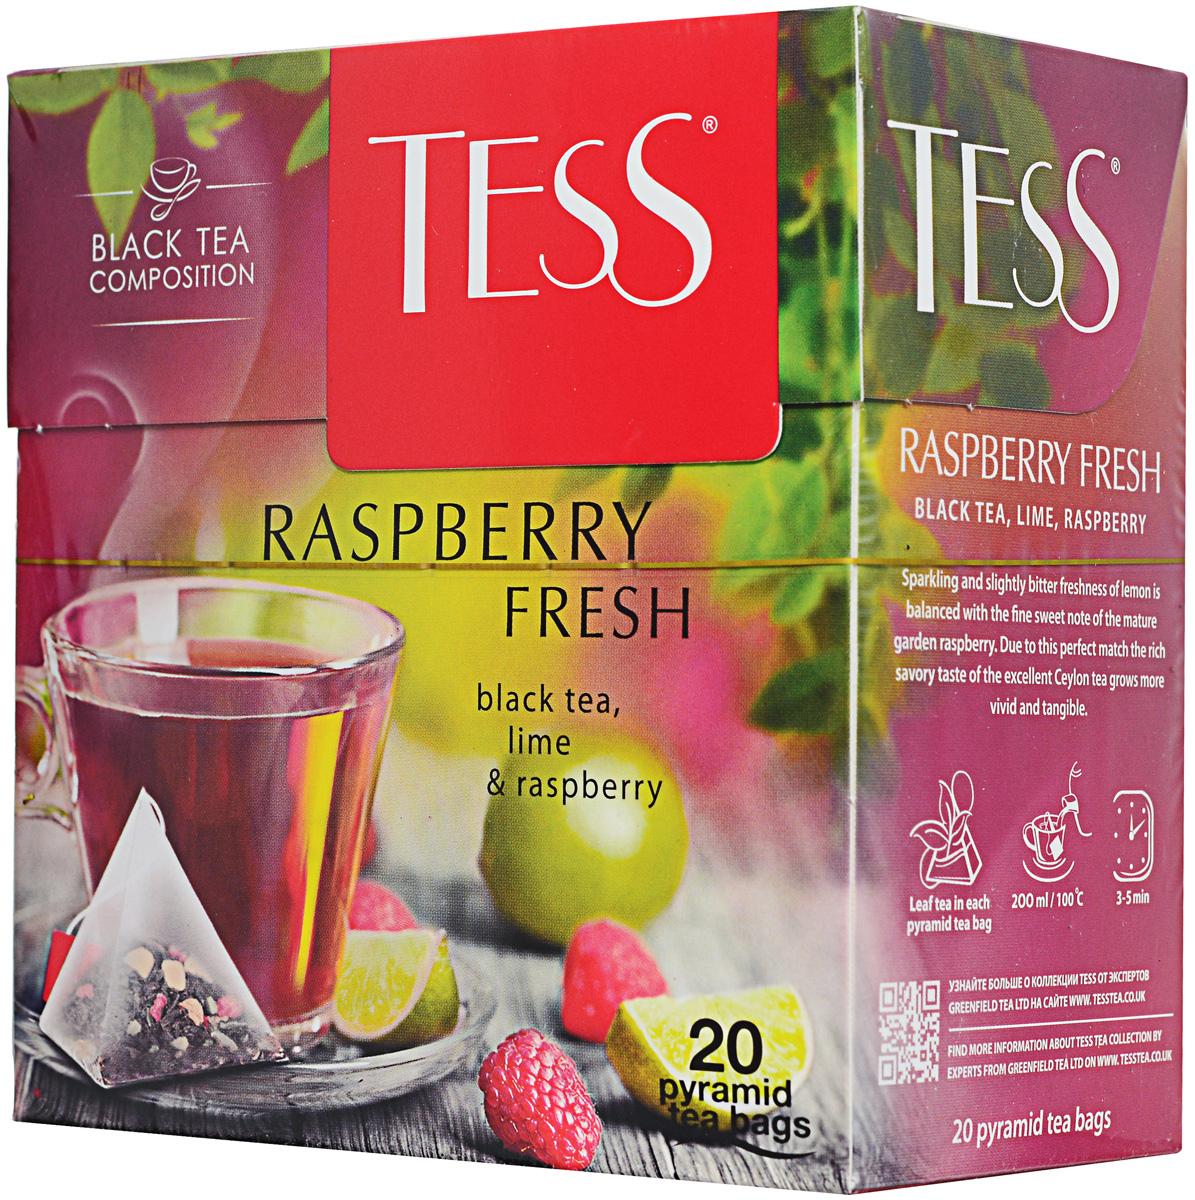 Tess Raspberry Fresh черный чай в пакетиках, 20 шт1147-12В чае Tess Raspberry Fresh искрящаяся, чуть горьковатая свежесть лайма уравновешена тонкой сладковатой ноткой спелой садовой малины. Благодаря этому совершенному балансу глубокий пряный вкус превосходного цейлонского чая становится еще ярче и выразительнее.